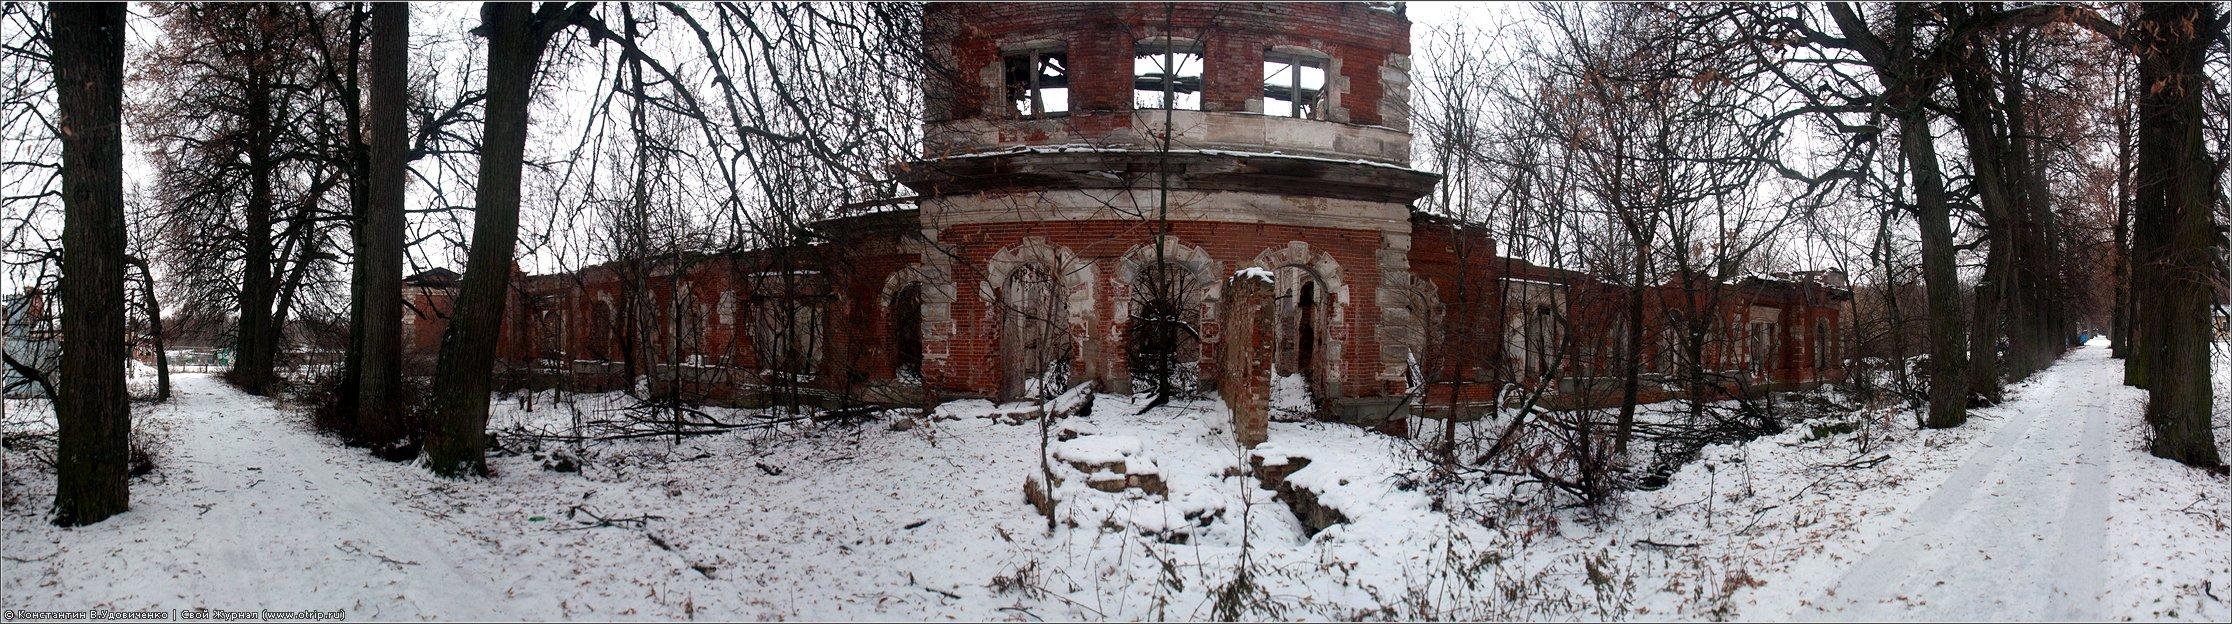 pano_0250-0266-17s_2.jpg - Рязань, вотчина Дервизов (18.12.2011)